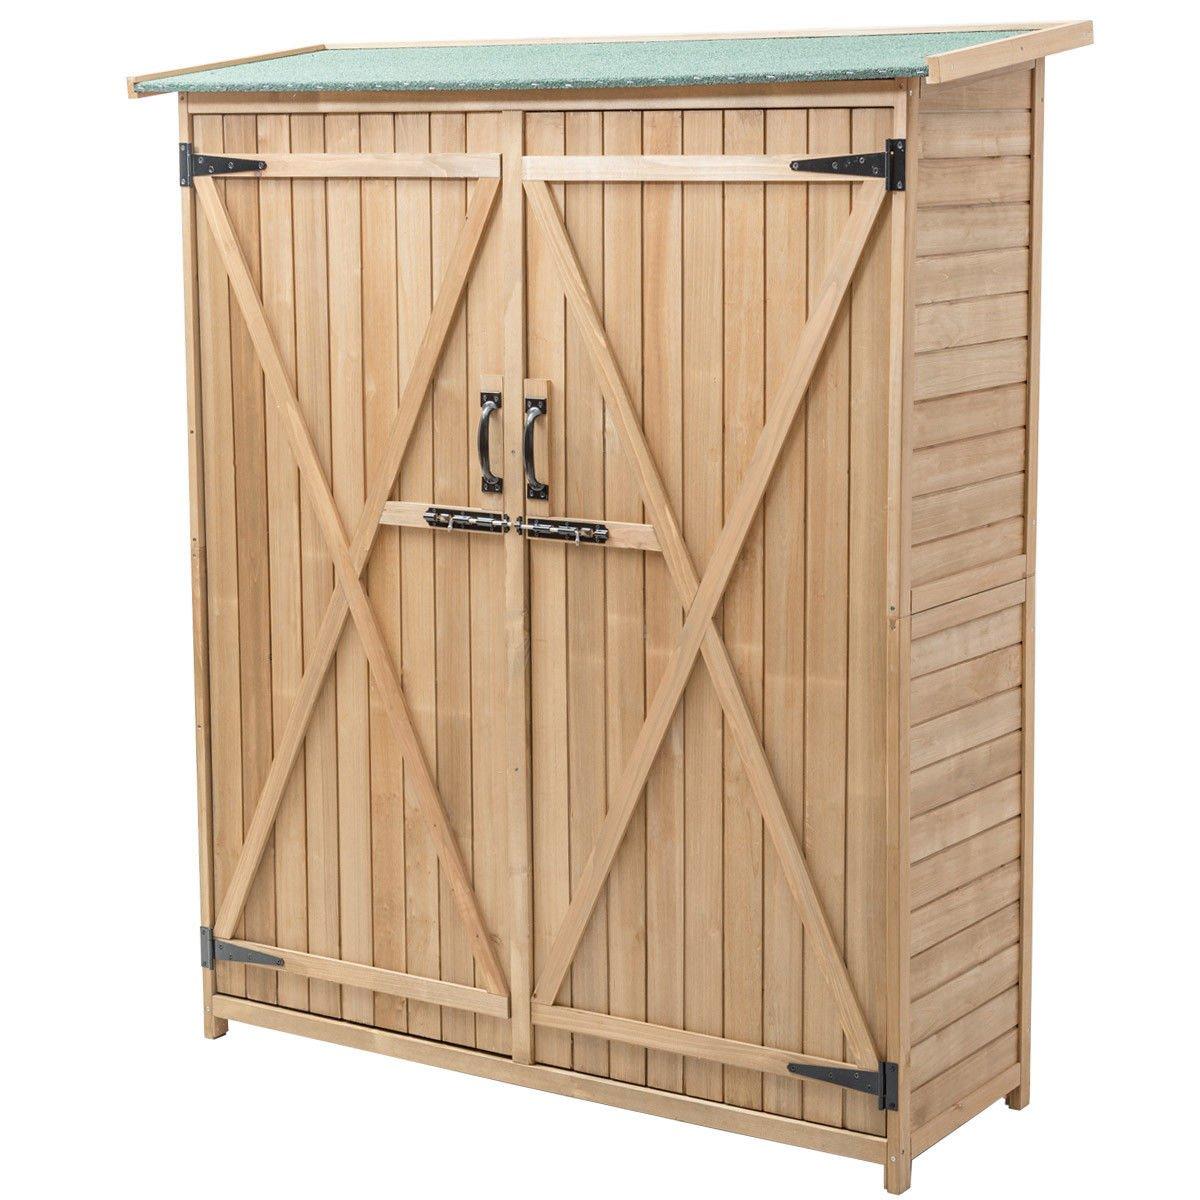 Wooden Storage Shed Cabinet Garden Outdoor Fir Wood Lockers Double Doors 64''